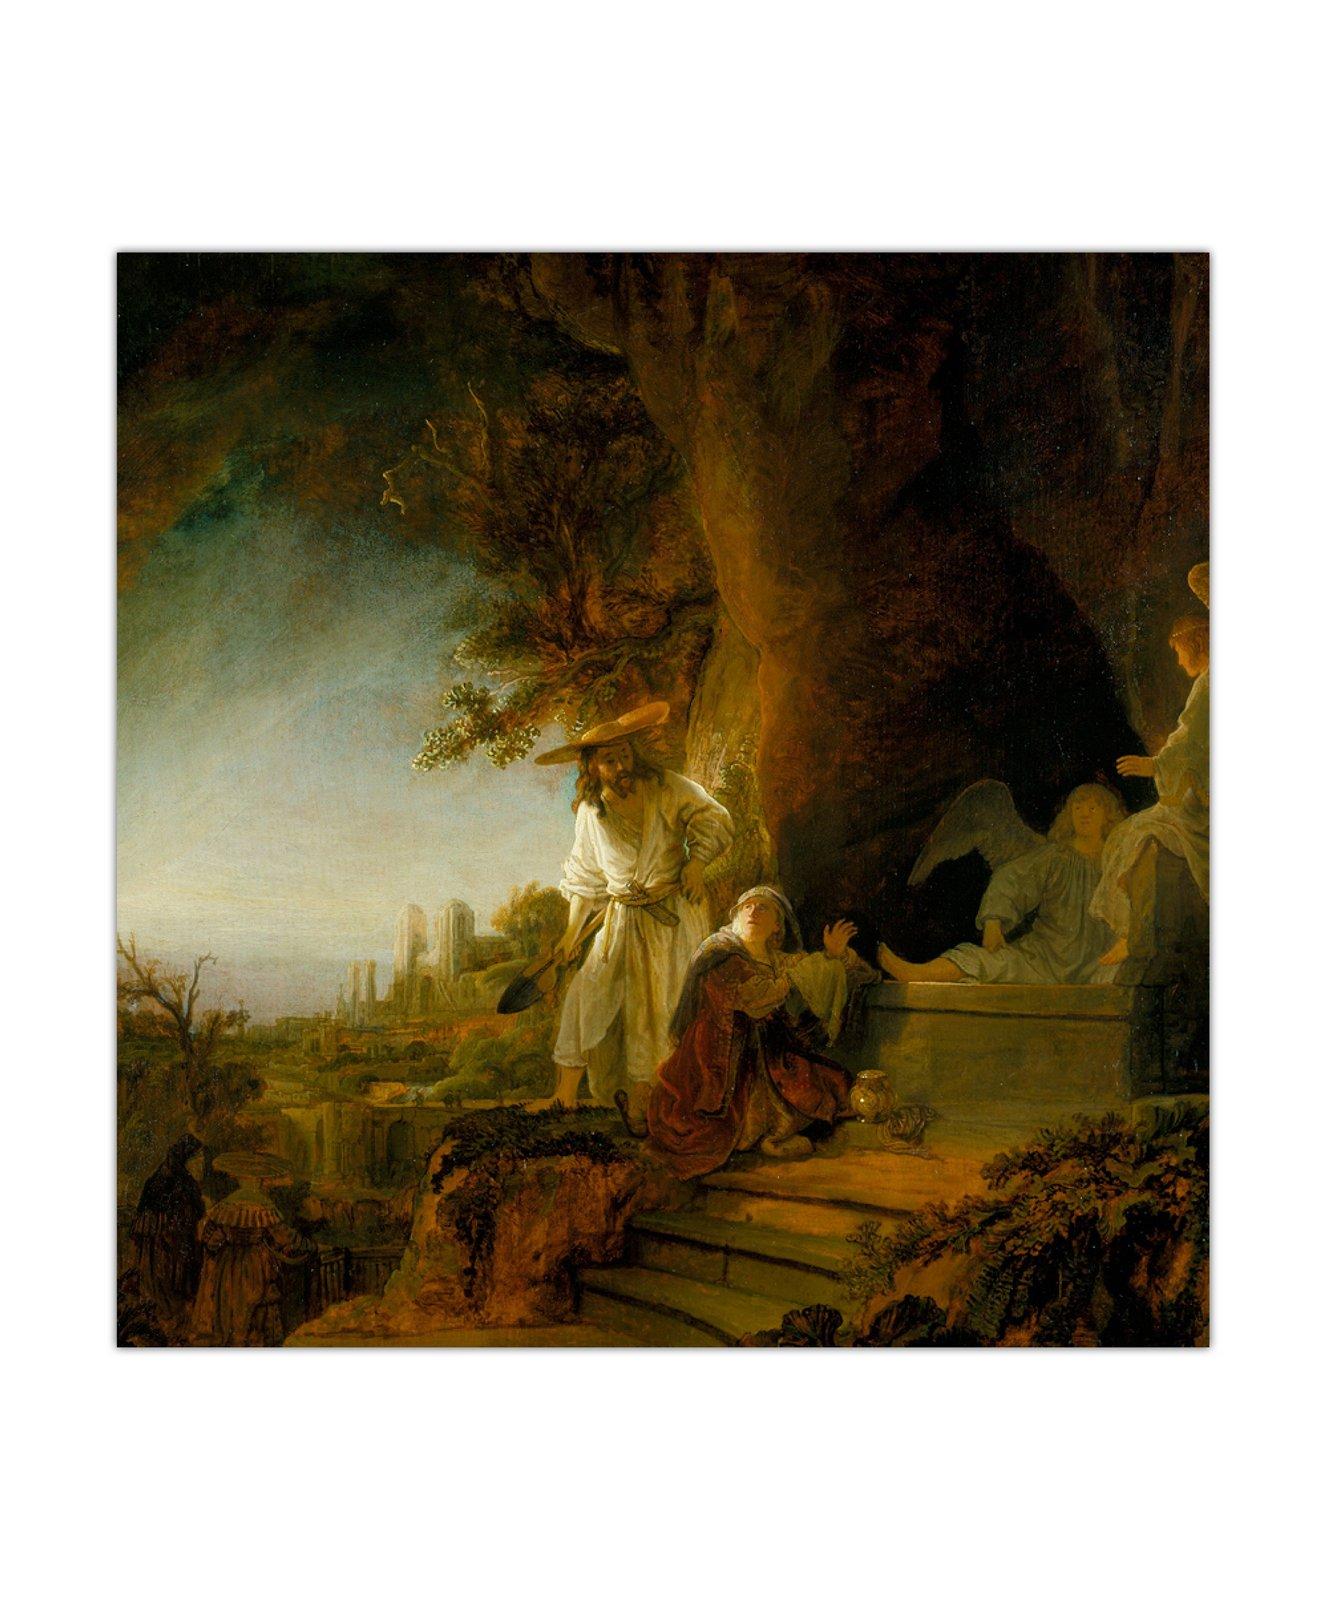 Rembrandt van Rijn, Chrystus i Maria Magdalena u Grobu, 1638 2